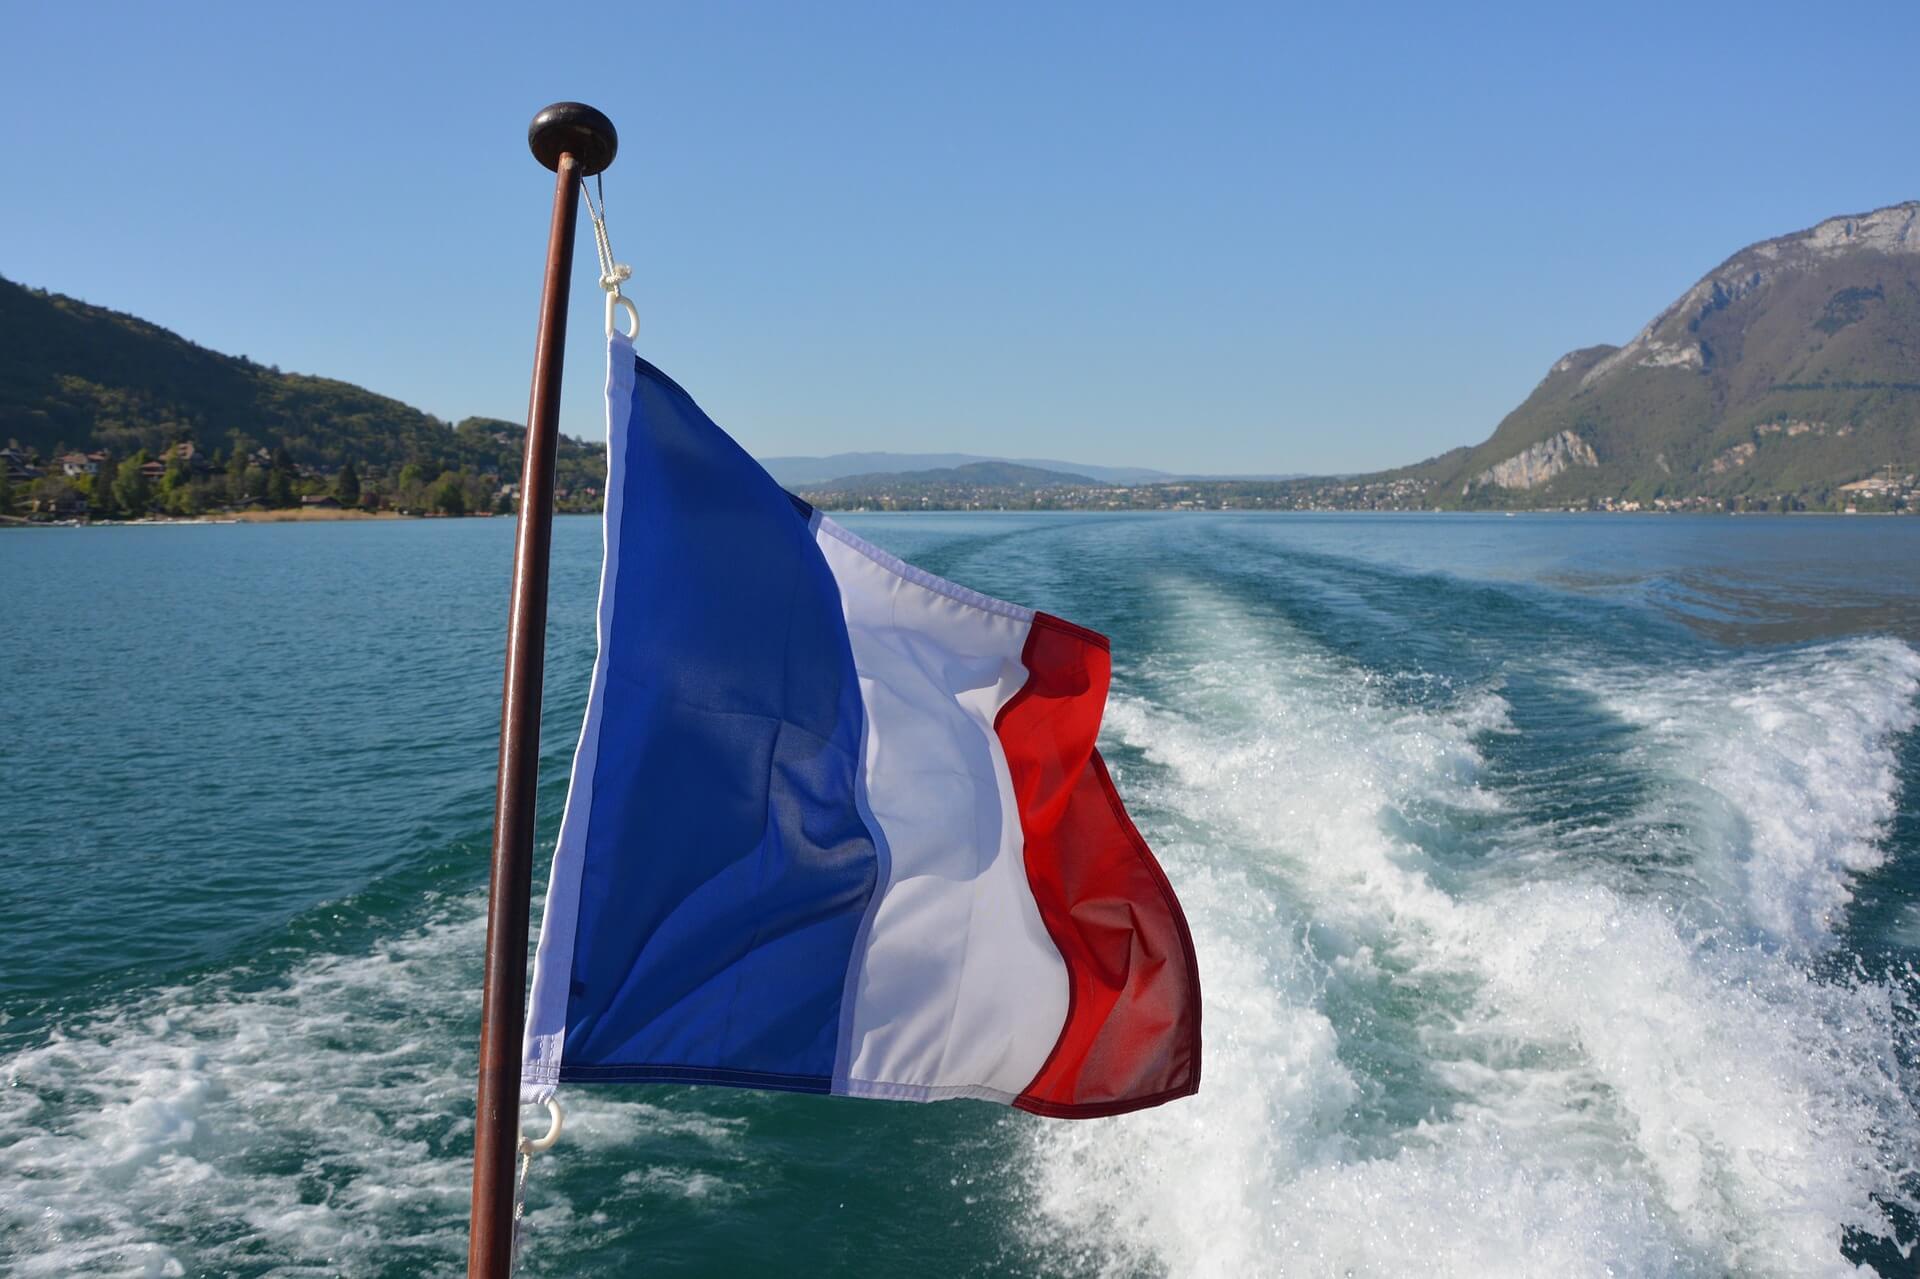 Ferienhausversicherung Frankreich